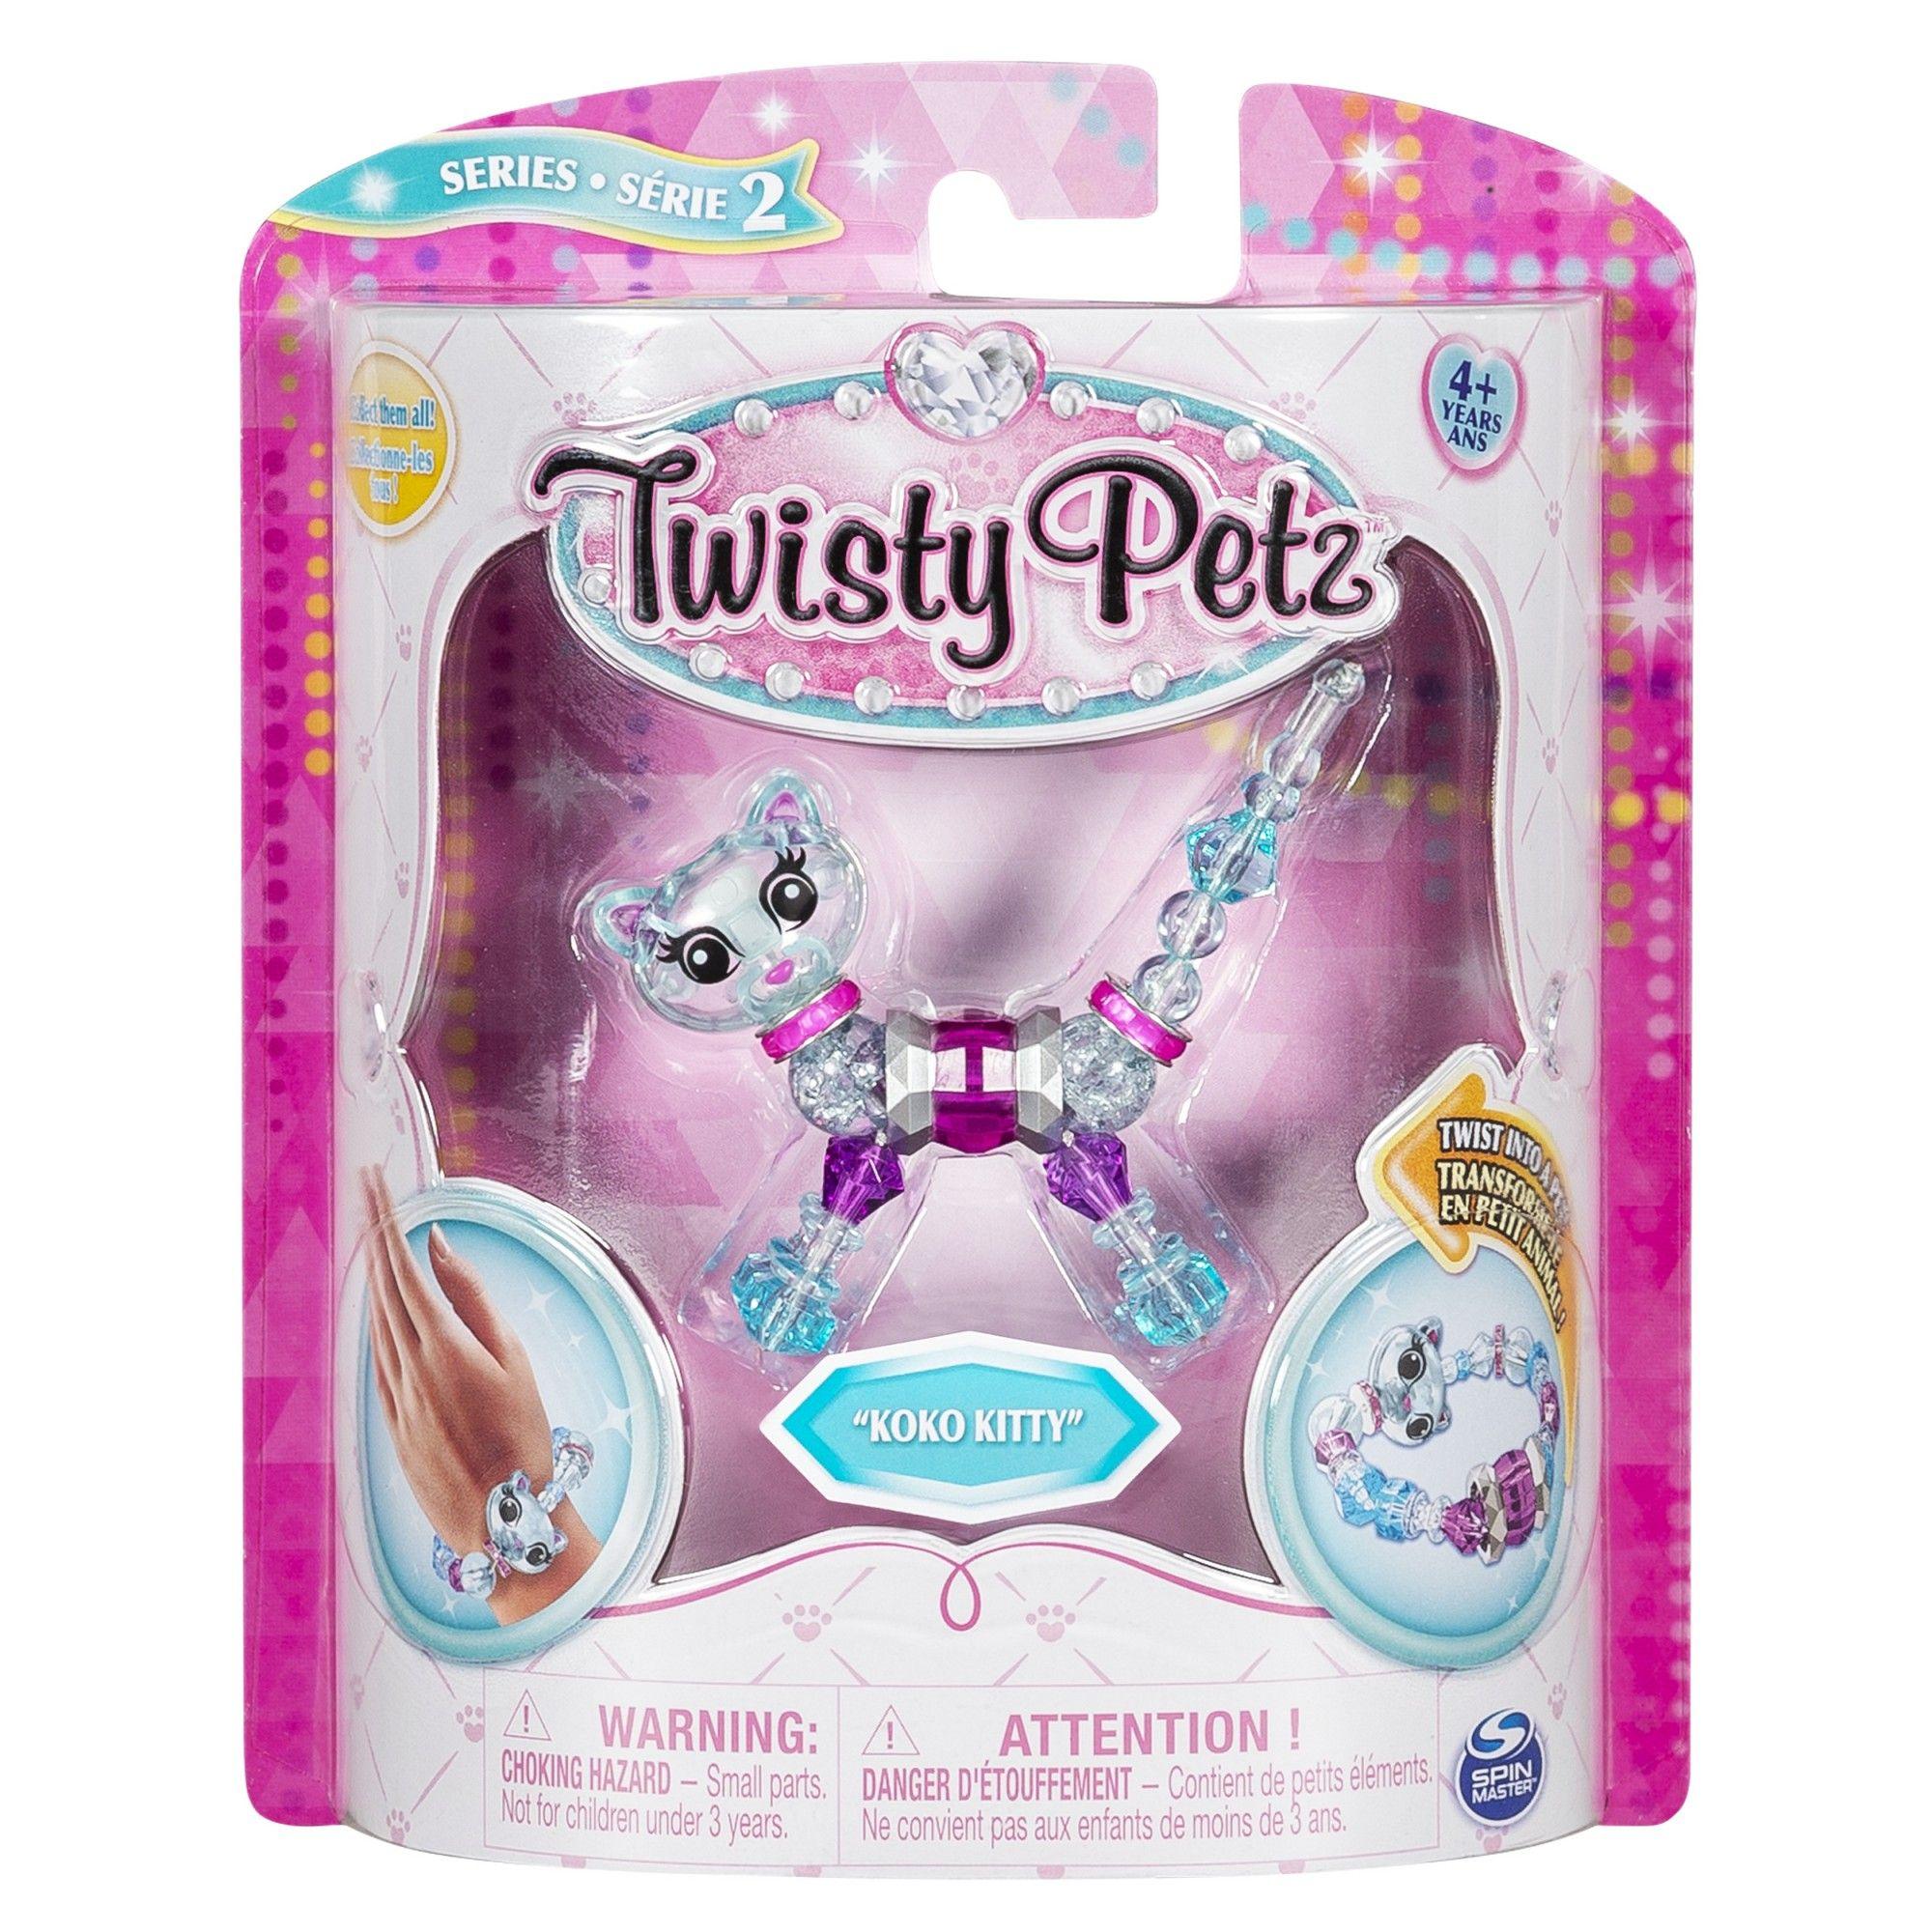 Twisty Petz Series 2 Koko Kitty Bracelet Doll Toys Kitty Pony